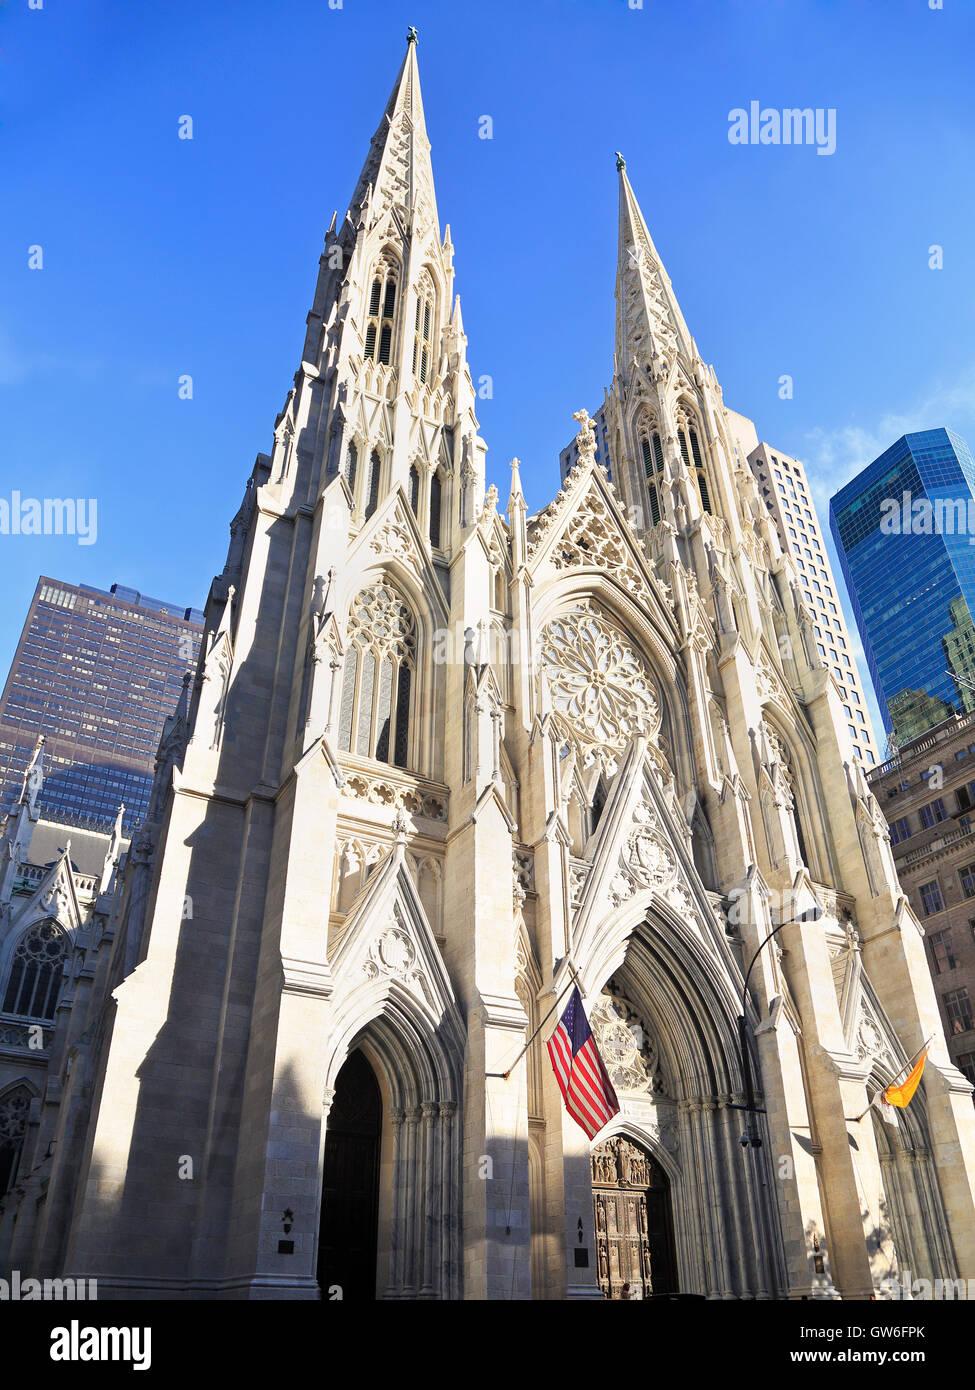 Extérieur de la cathédrale Saint-Patrick de New York, New York Banque D'Images